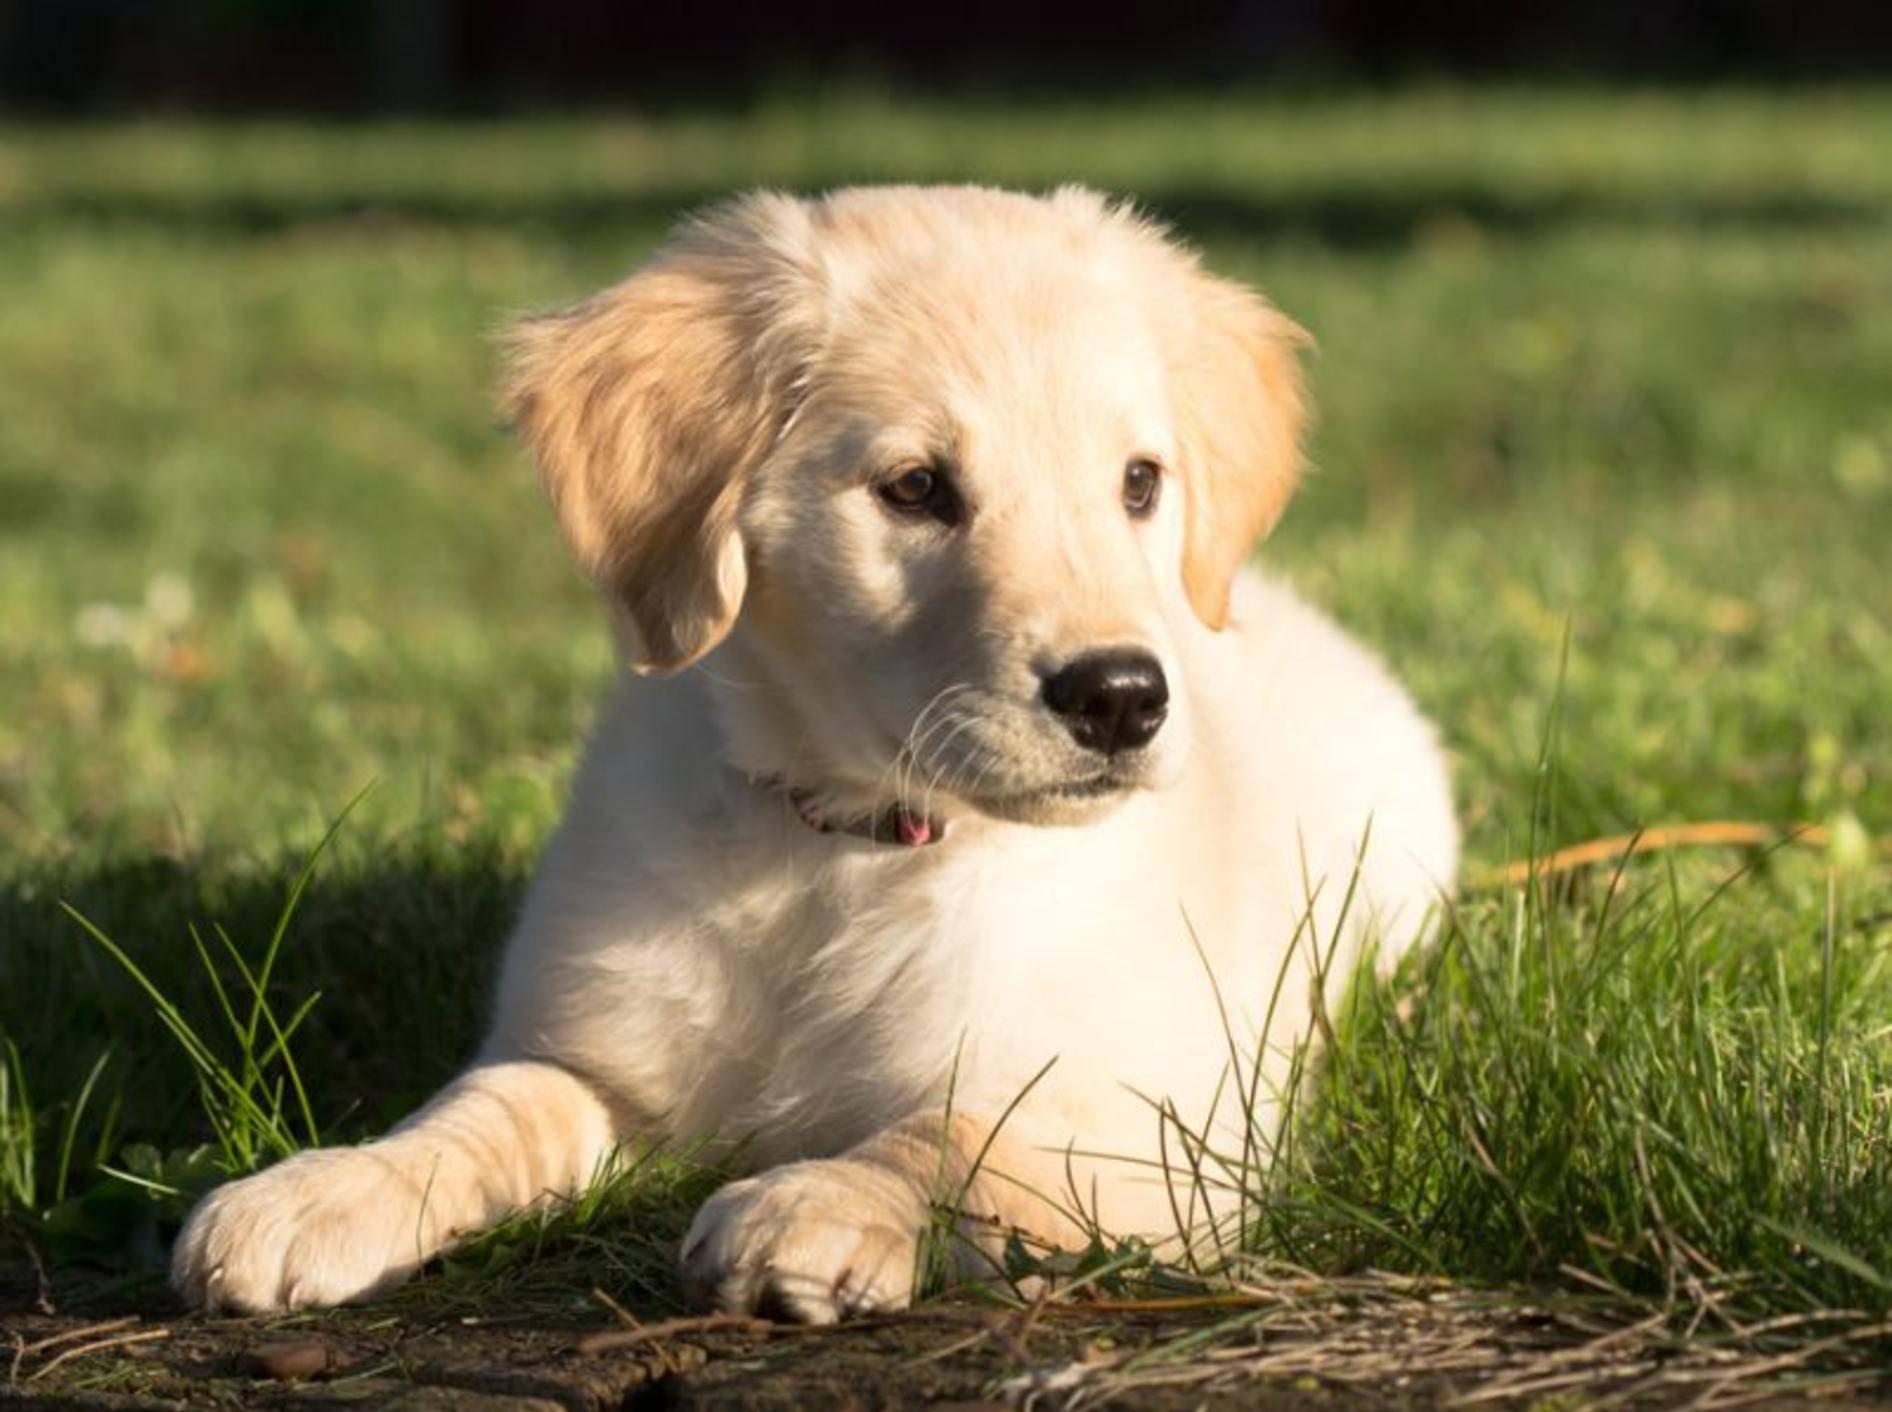 Auch dieser süße Golden Retriever Welpe wird einmal ein großer starker Hund wie seine Kollegen. – Bild: Shutterstock / Cody M Ward